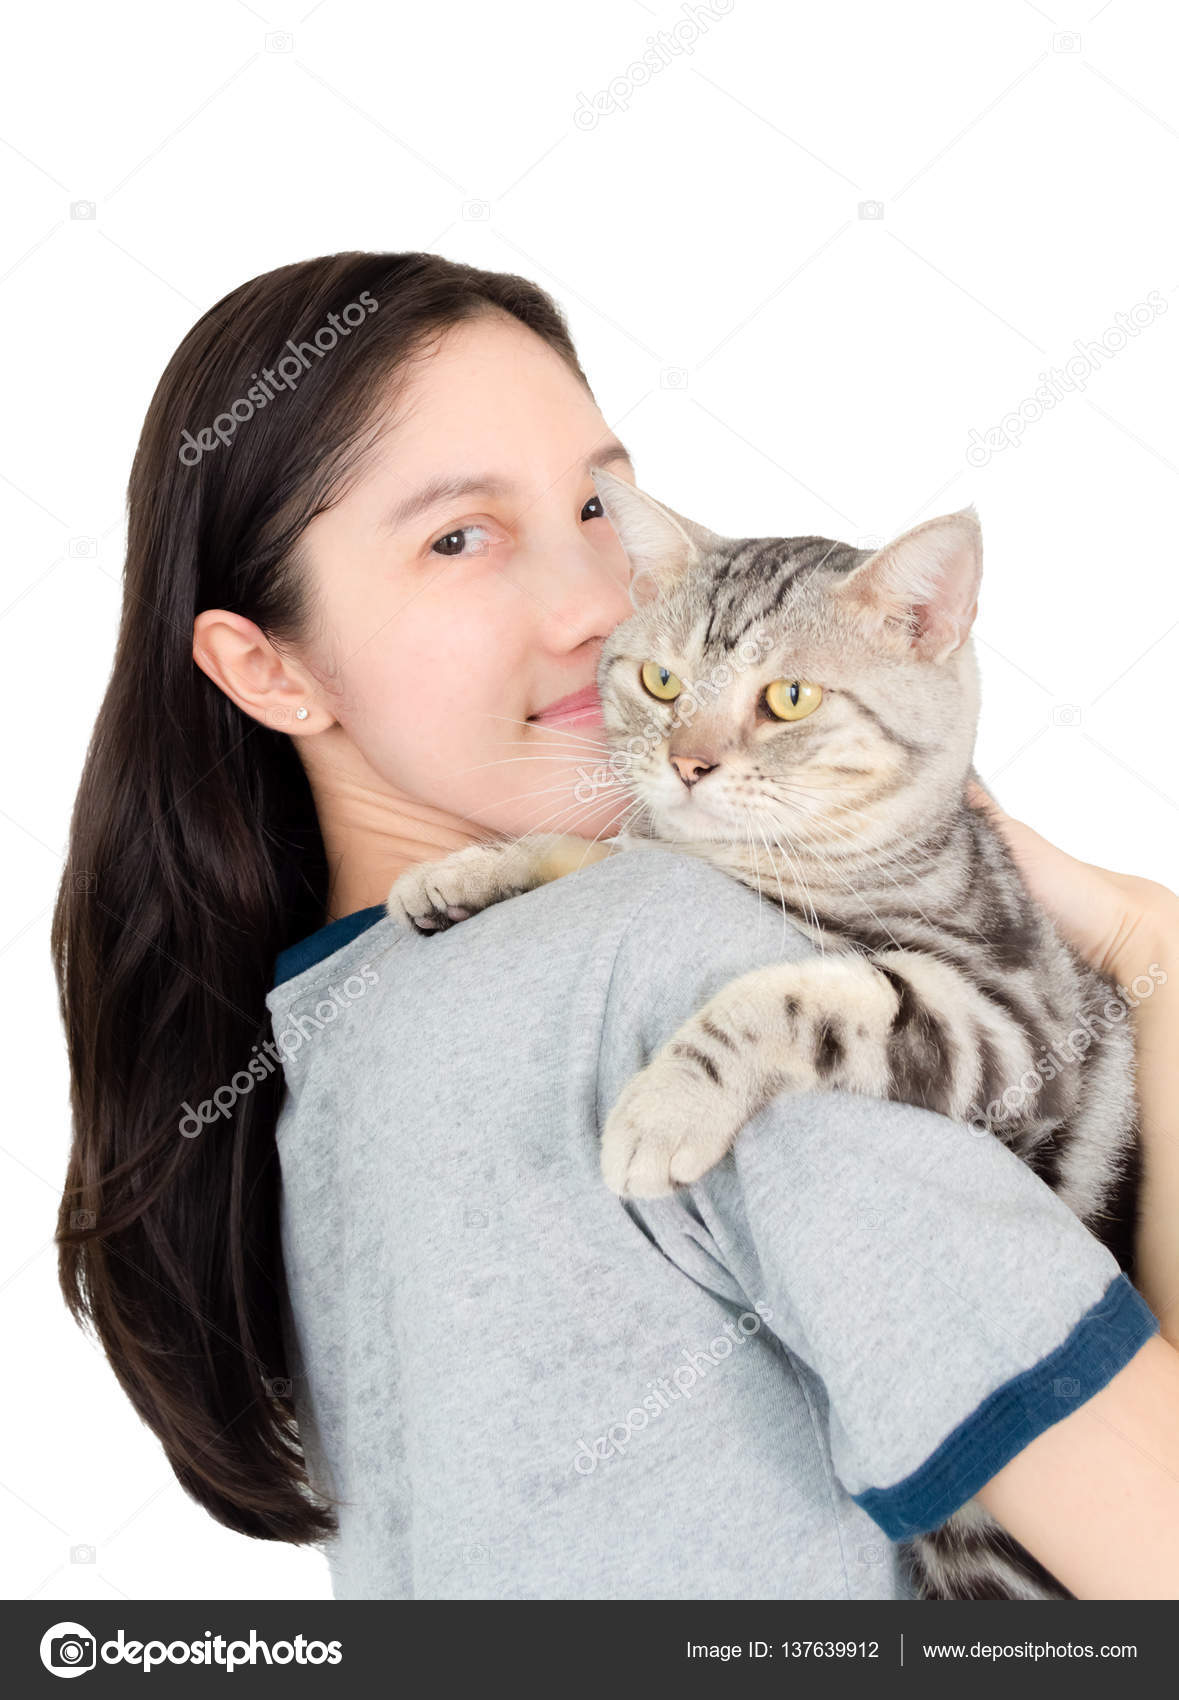 Graisse et serrГ© chatte